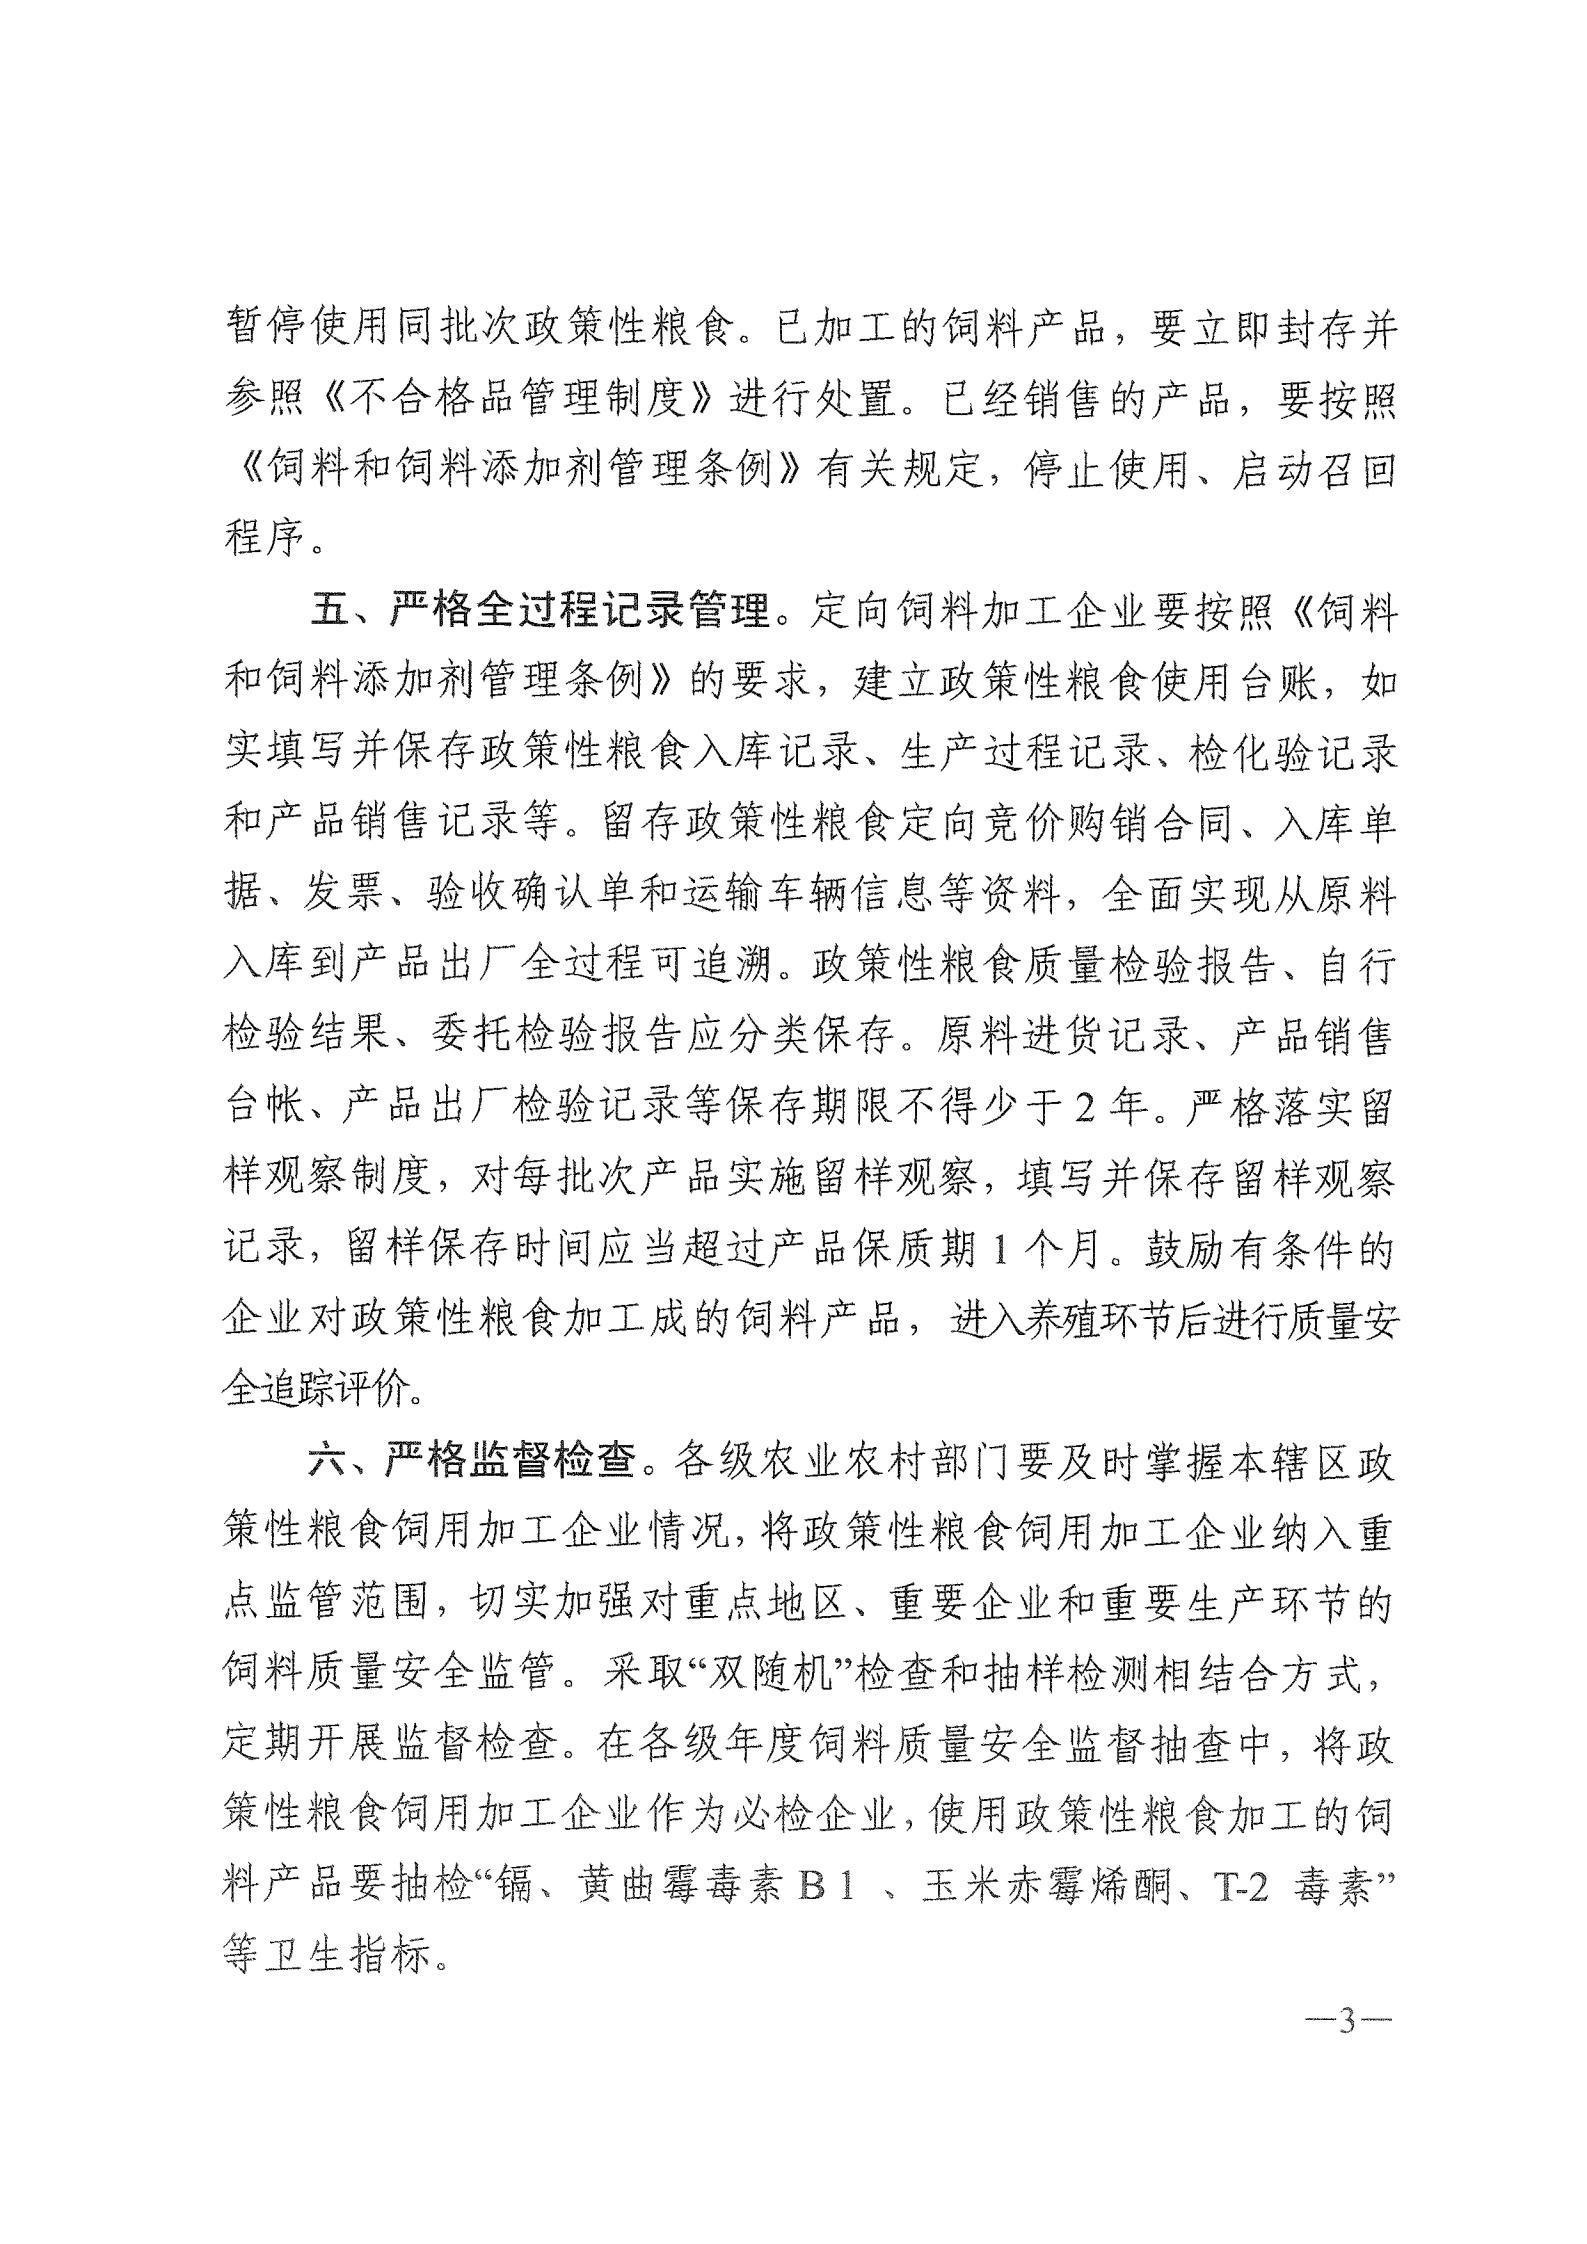 湖南省农业农村厅关于做好政策性粮食加工成饲料产品后质量安全监管工作的意见